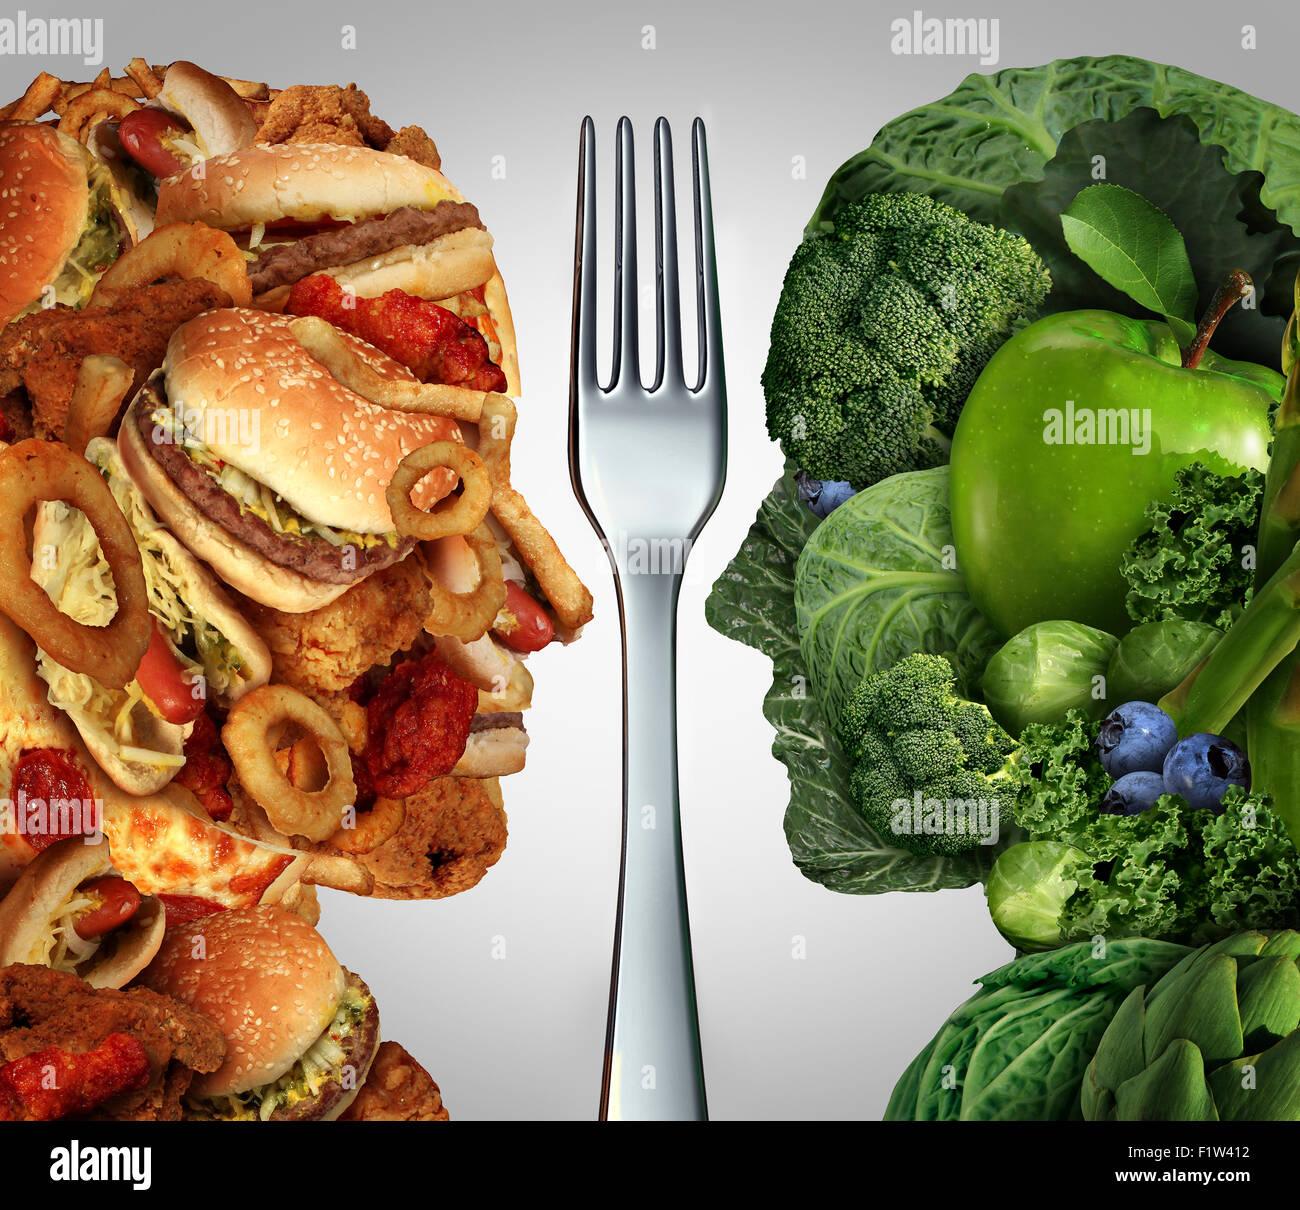 Décision de la nutrition et l'alimentation concept dilemme choix entre la santé des bons fruits et Photo Stock